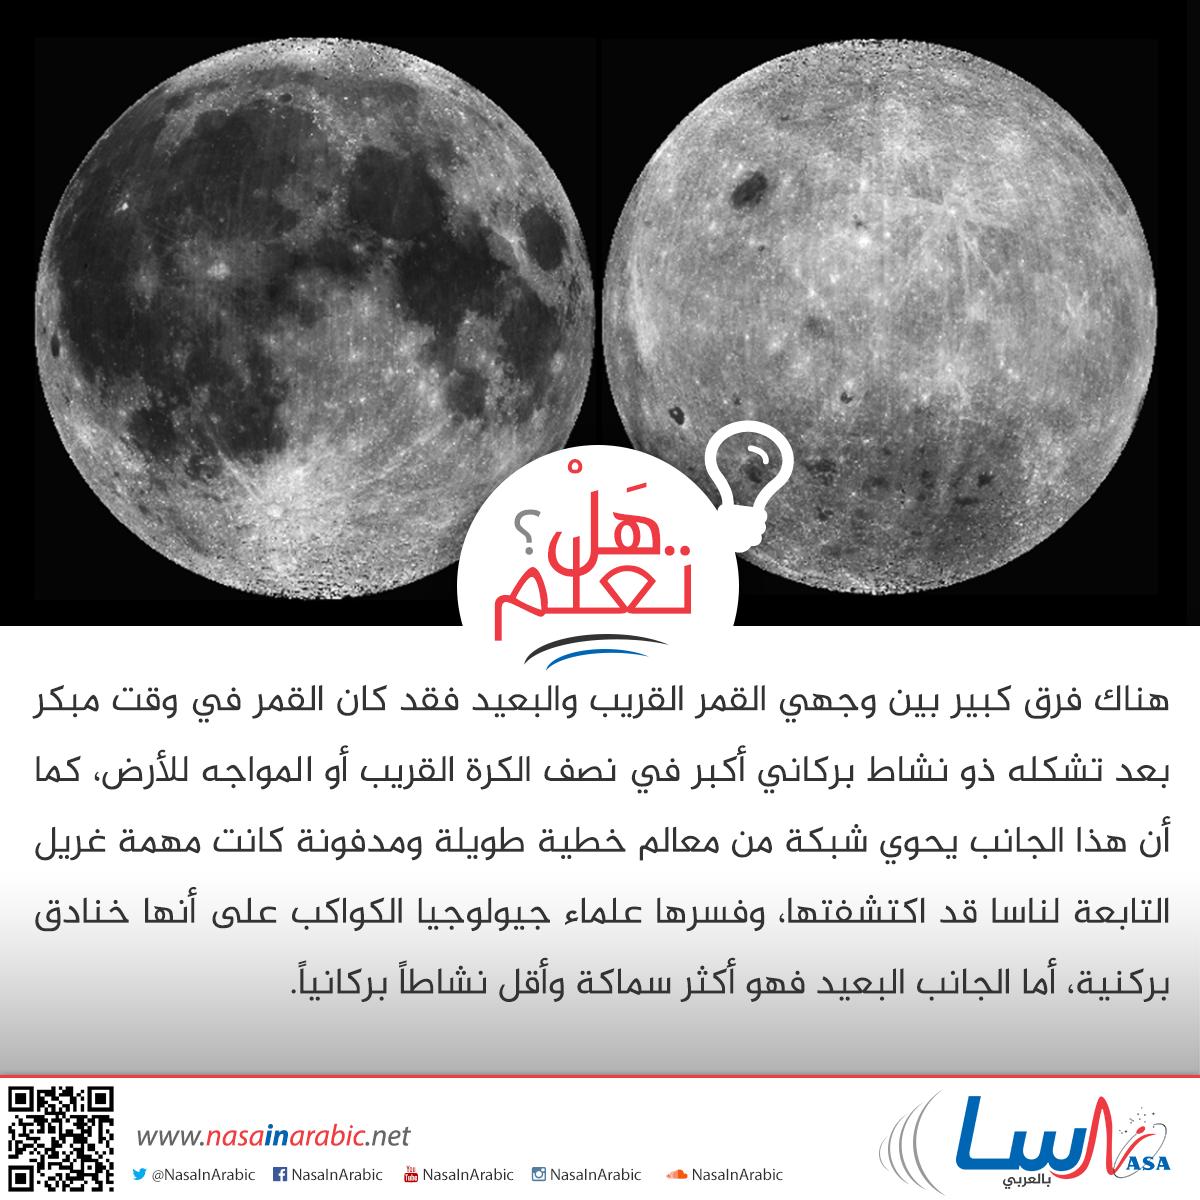 الفرق بين وجهي القمر